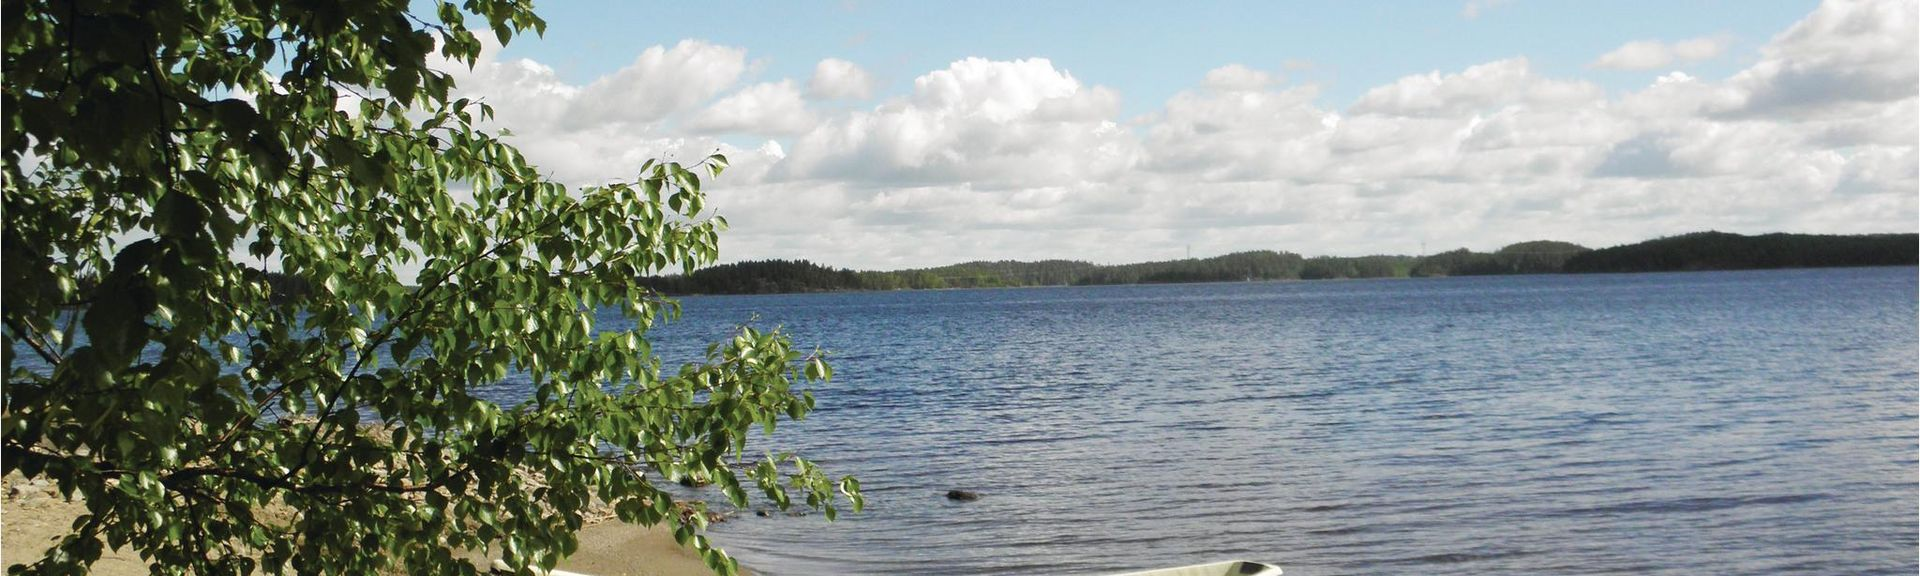 Savonlinna, Etelä-Savo, Suomi